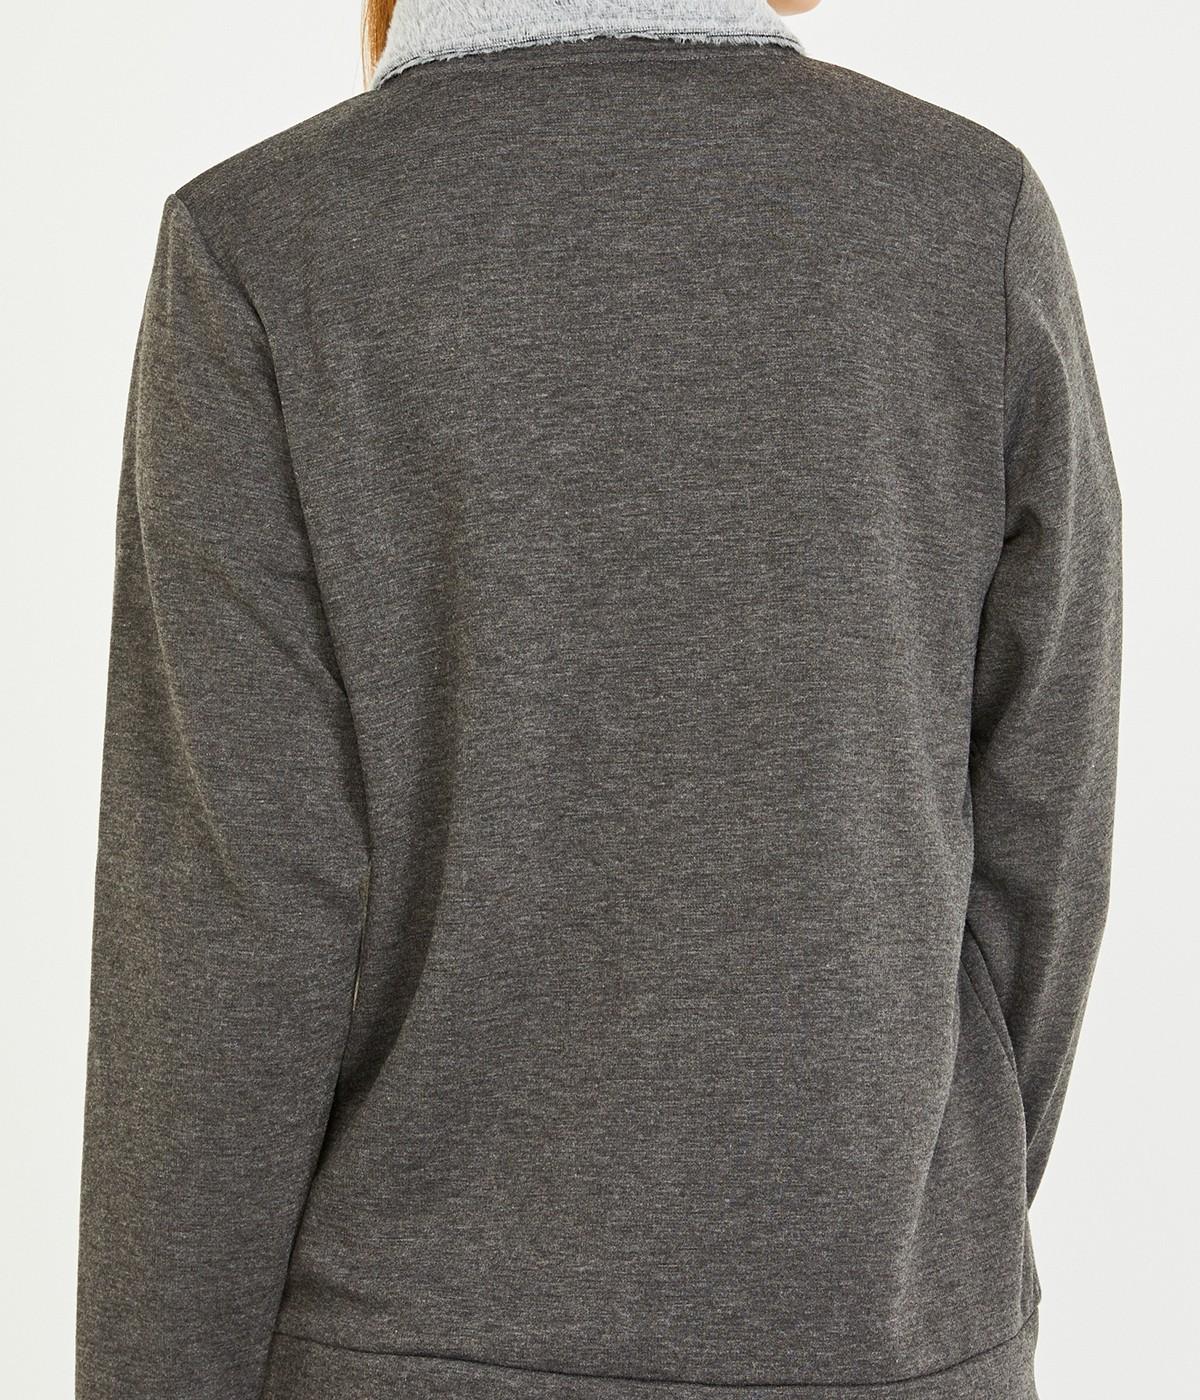 Puffy Sweatshirt